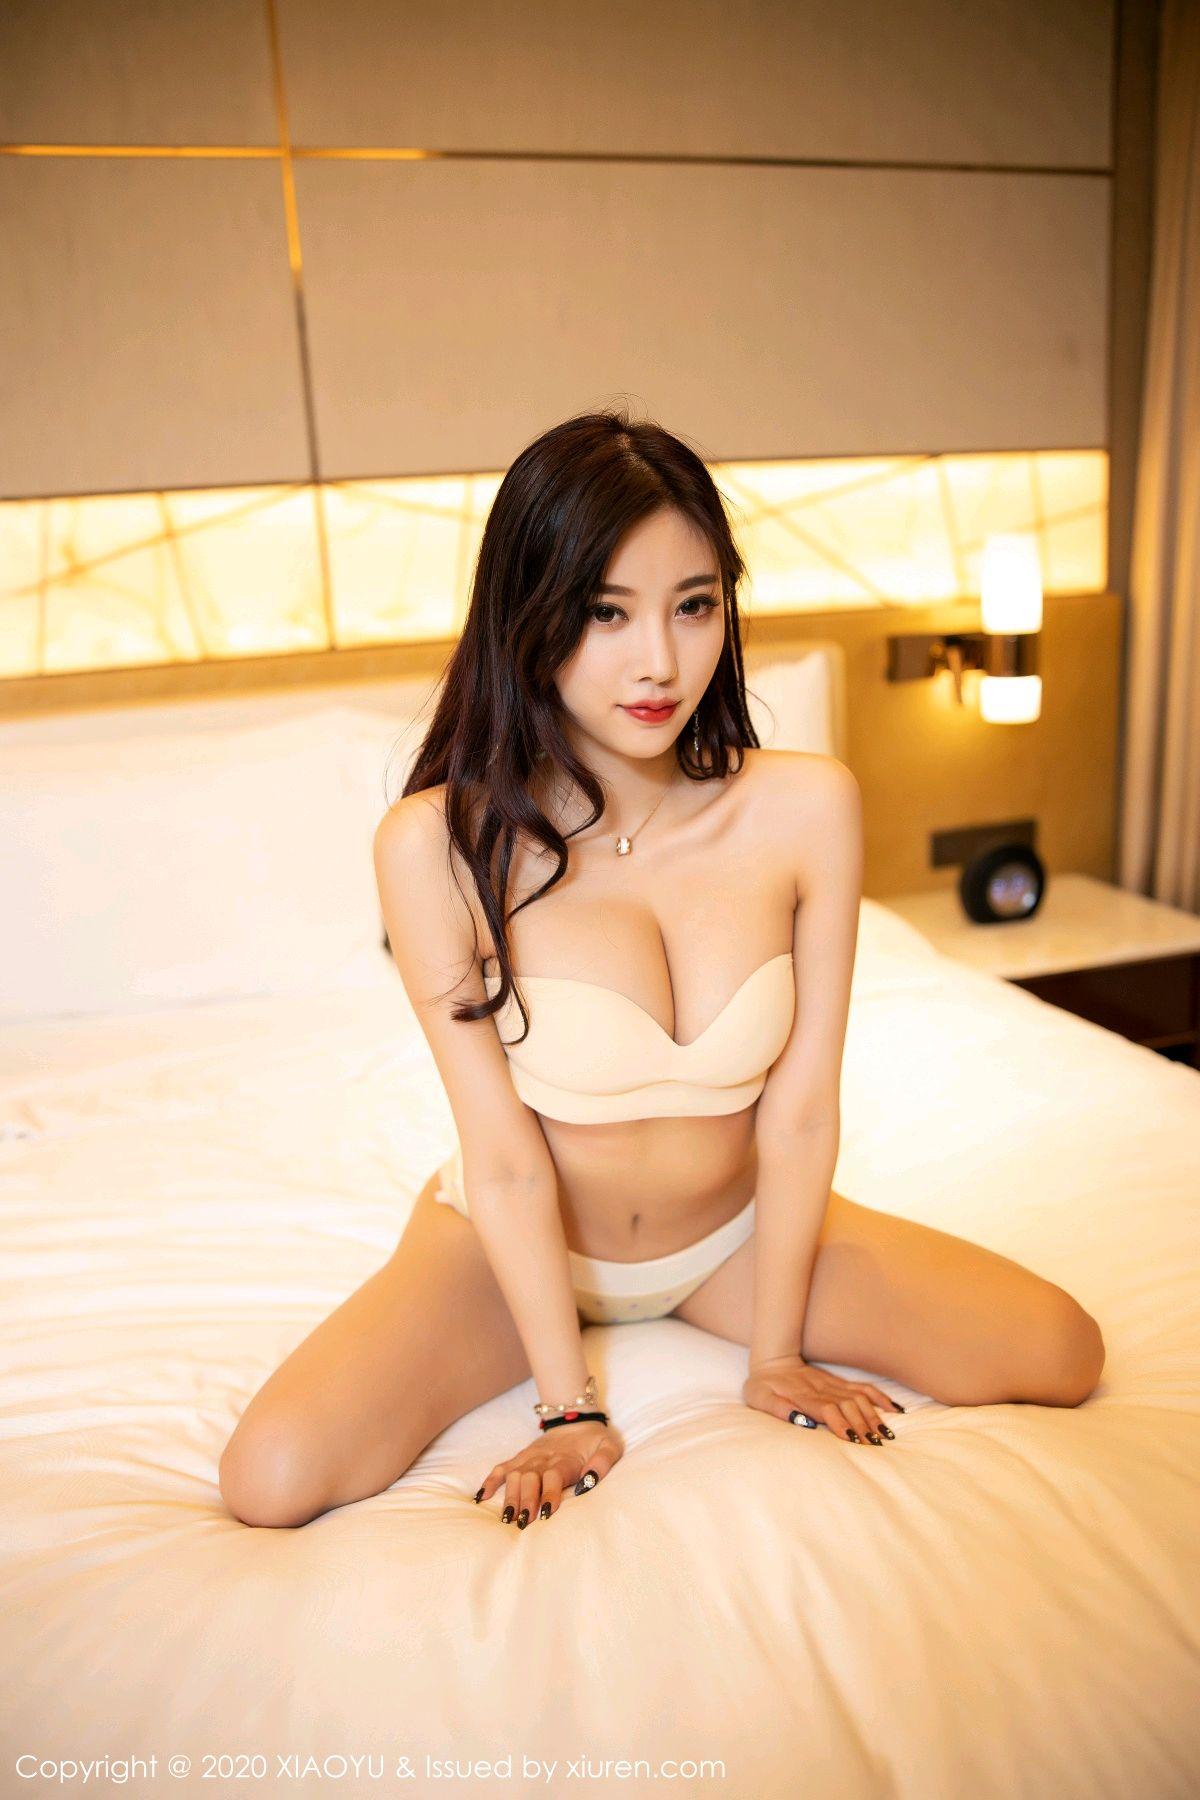 [XIAOYU] Vol.305 Yang Chen Chen 63P, Sexy, Underwear, Uniform, XiaoYu, Yang Chen Chen